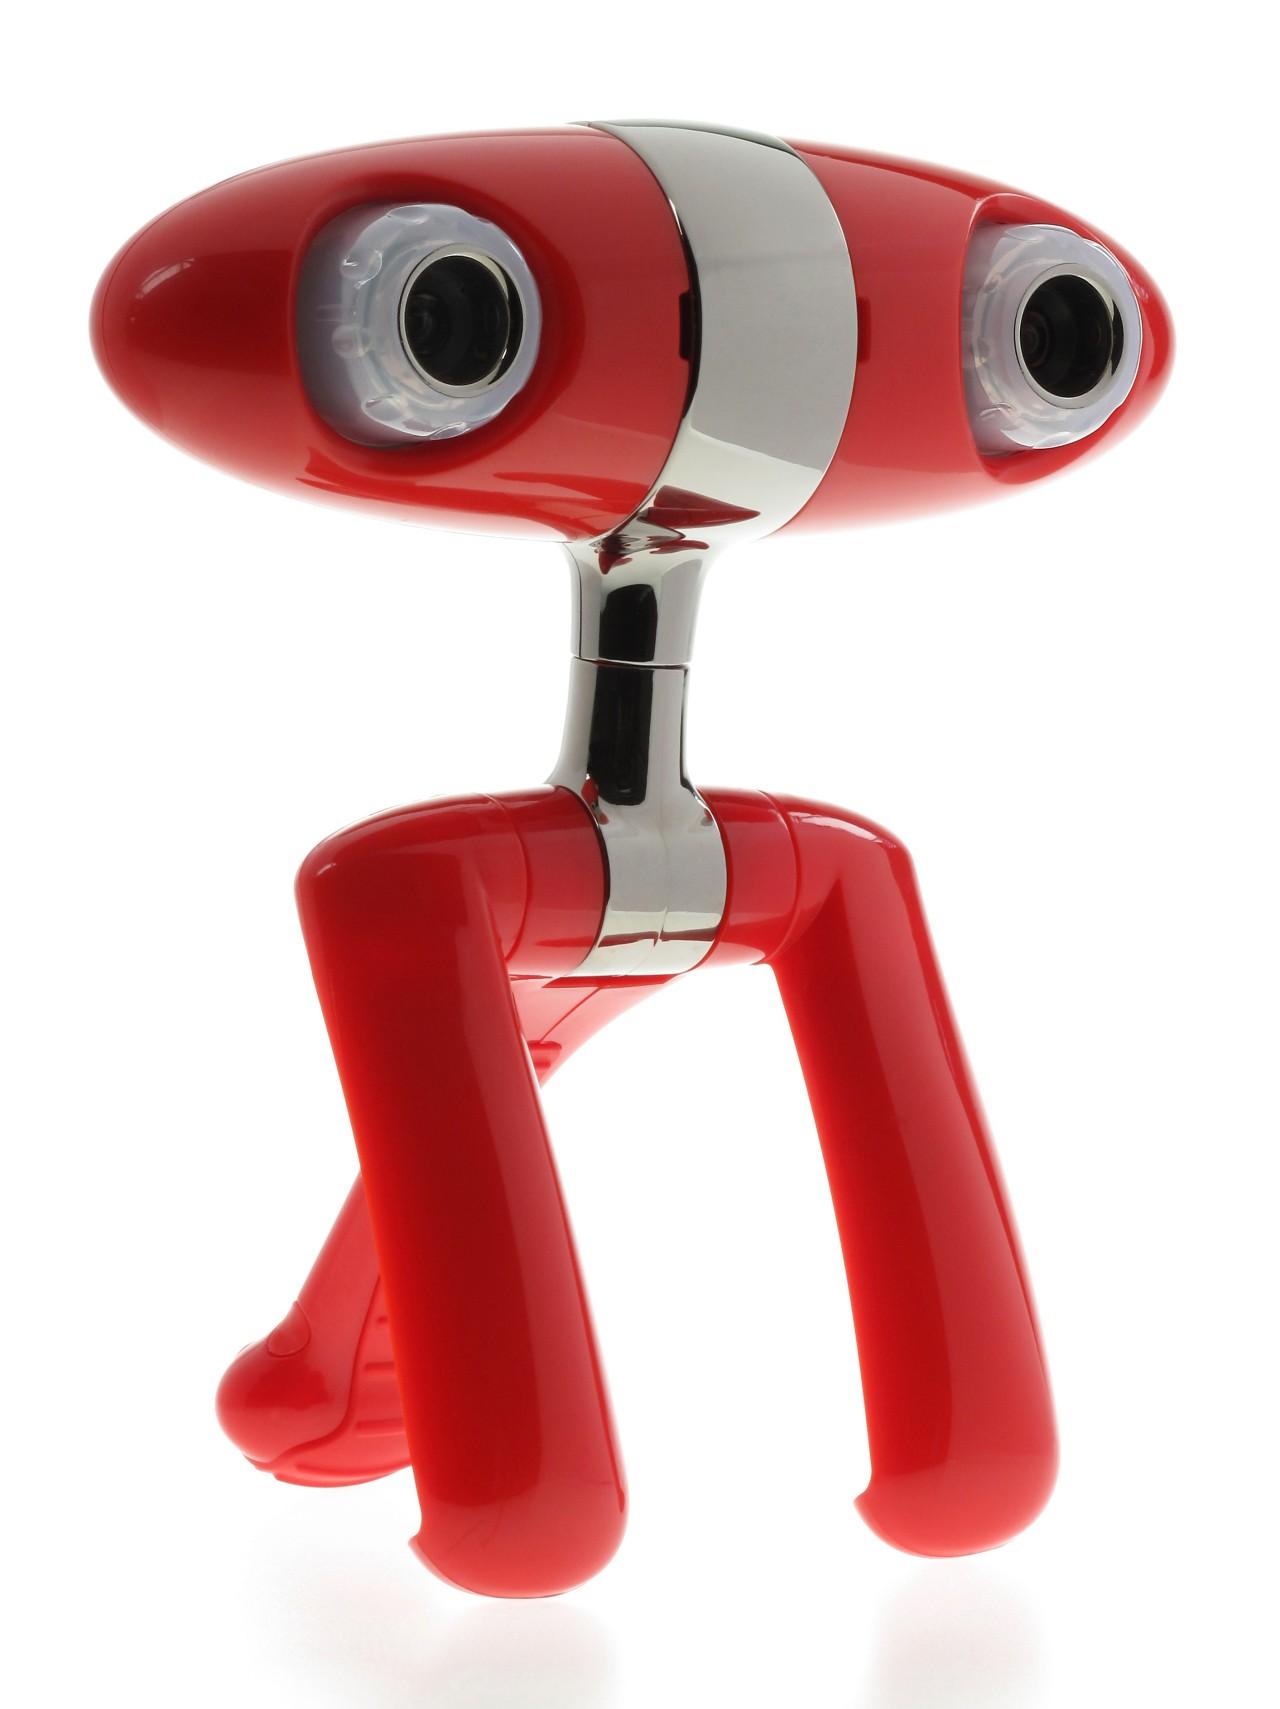 3D-Webcam Minoru mit zwei Kameras - Minoru